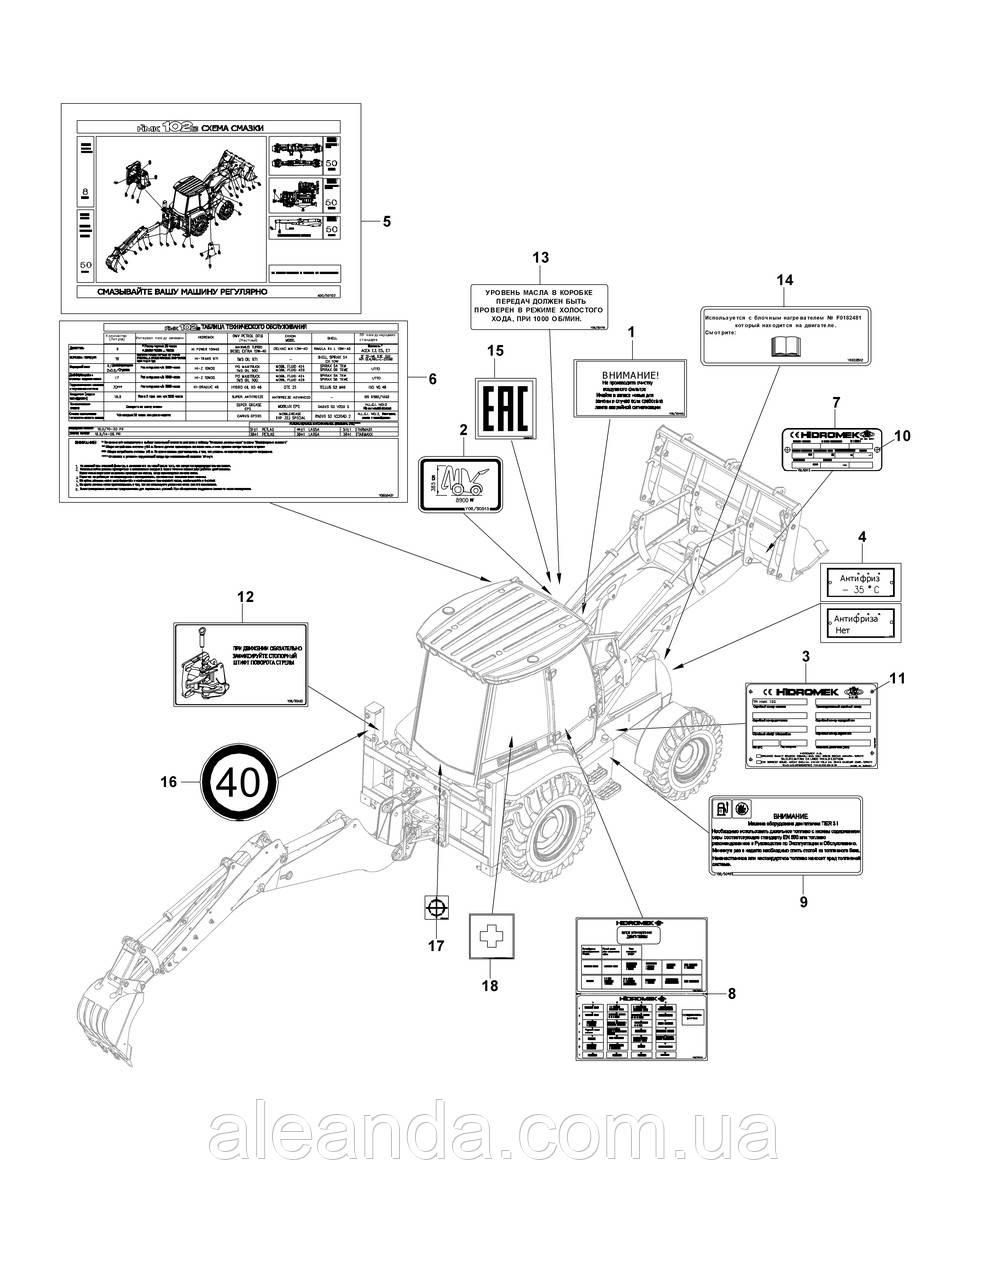 S4881020 ремпкомплект поворотного циліндра Hidromek